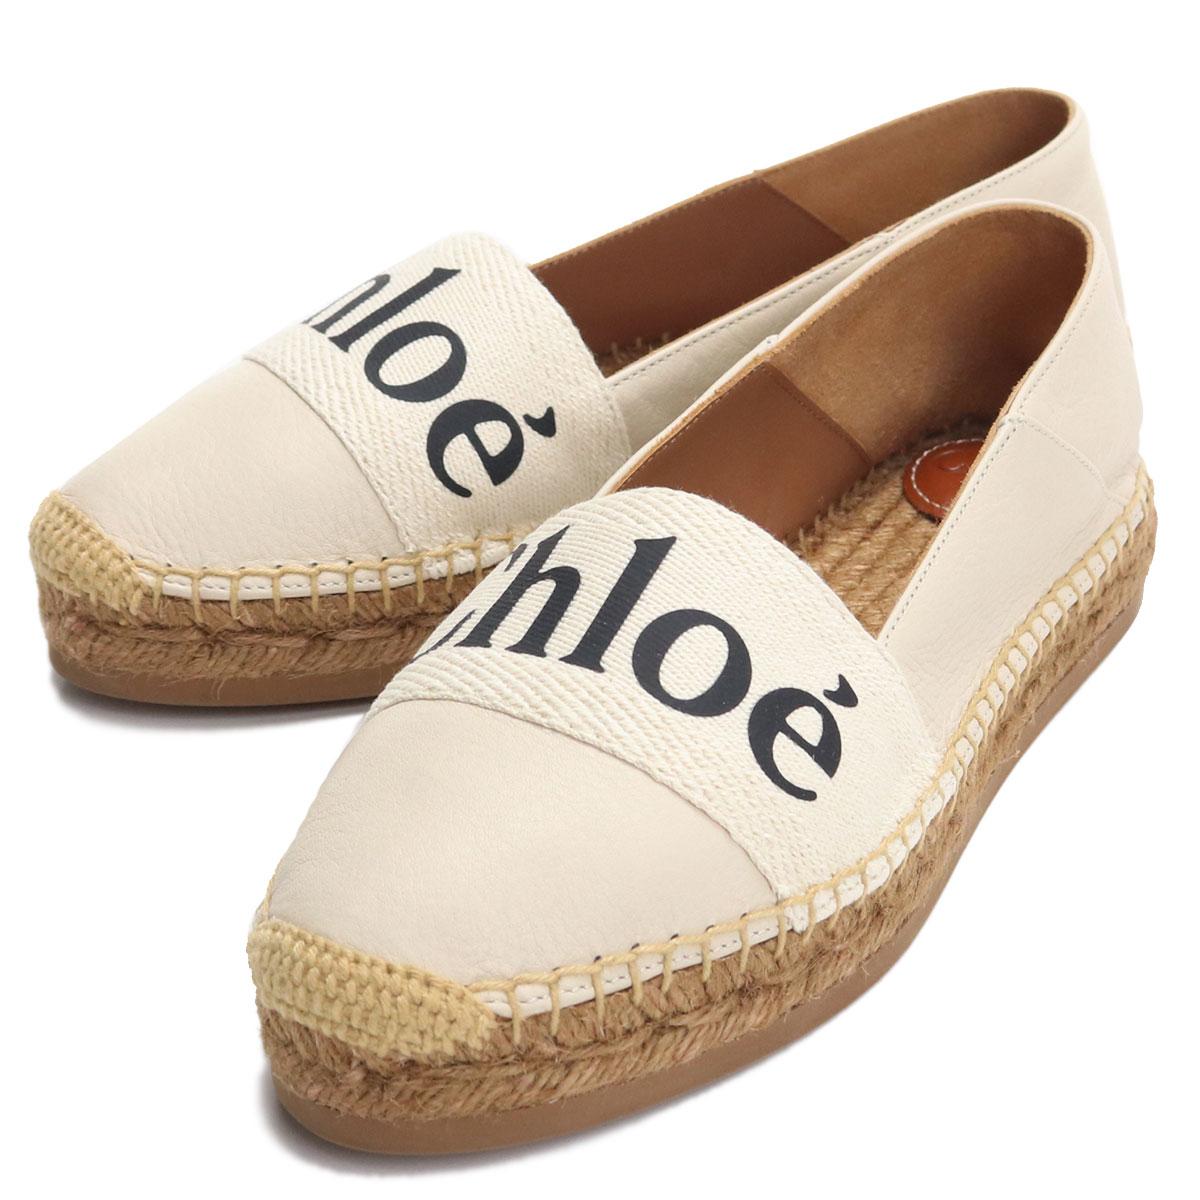 クロエ CHLOE レディースシューズ サンダル エスパドリーユ CHC21U447R4 101 WHITE ホワイト系 bos-27 shoes-01 レディース